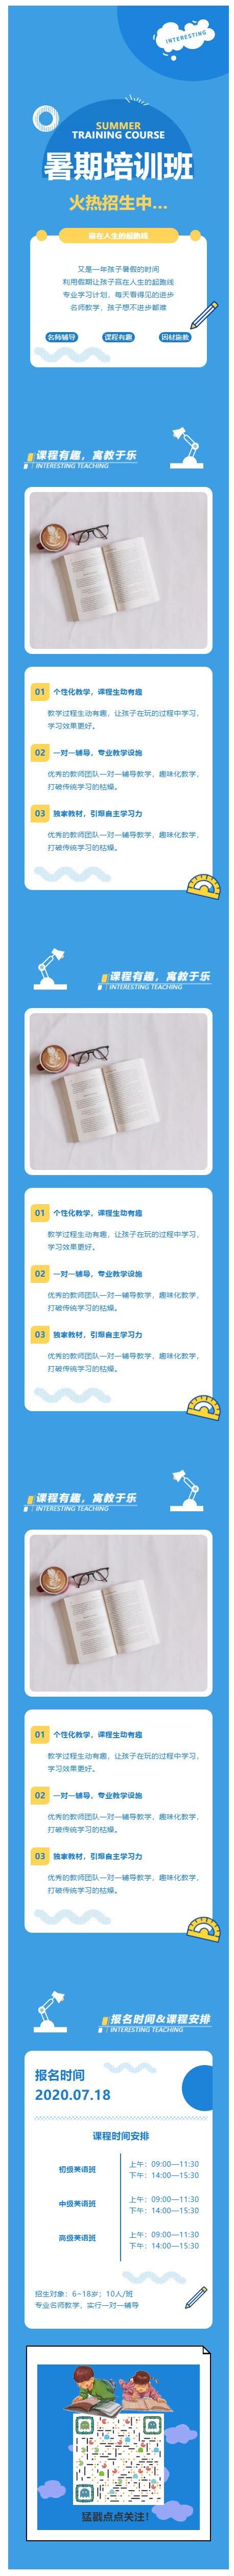 暑期培训班招生蓝色可爱卡通模板微信公众号推文素材模板